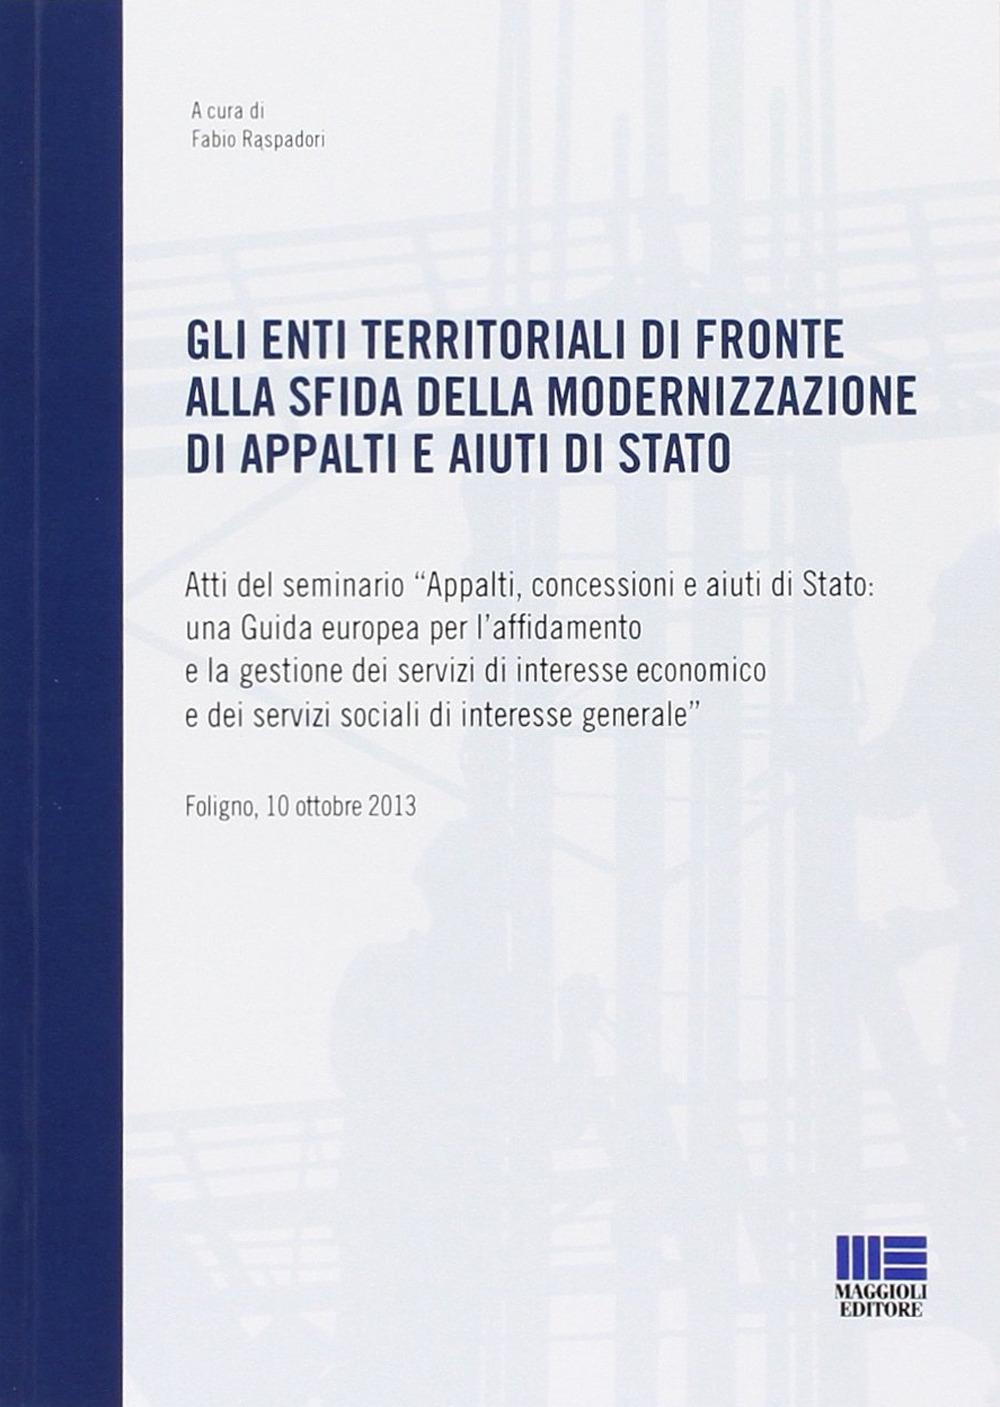 Gli enti territoriali di fronte alla sfida della modernizzazione di appalti e aiuti di stato